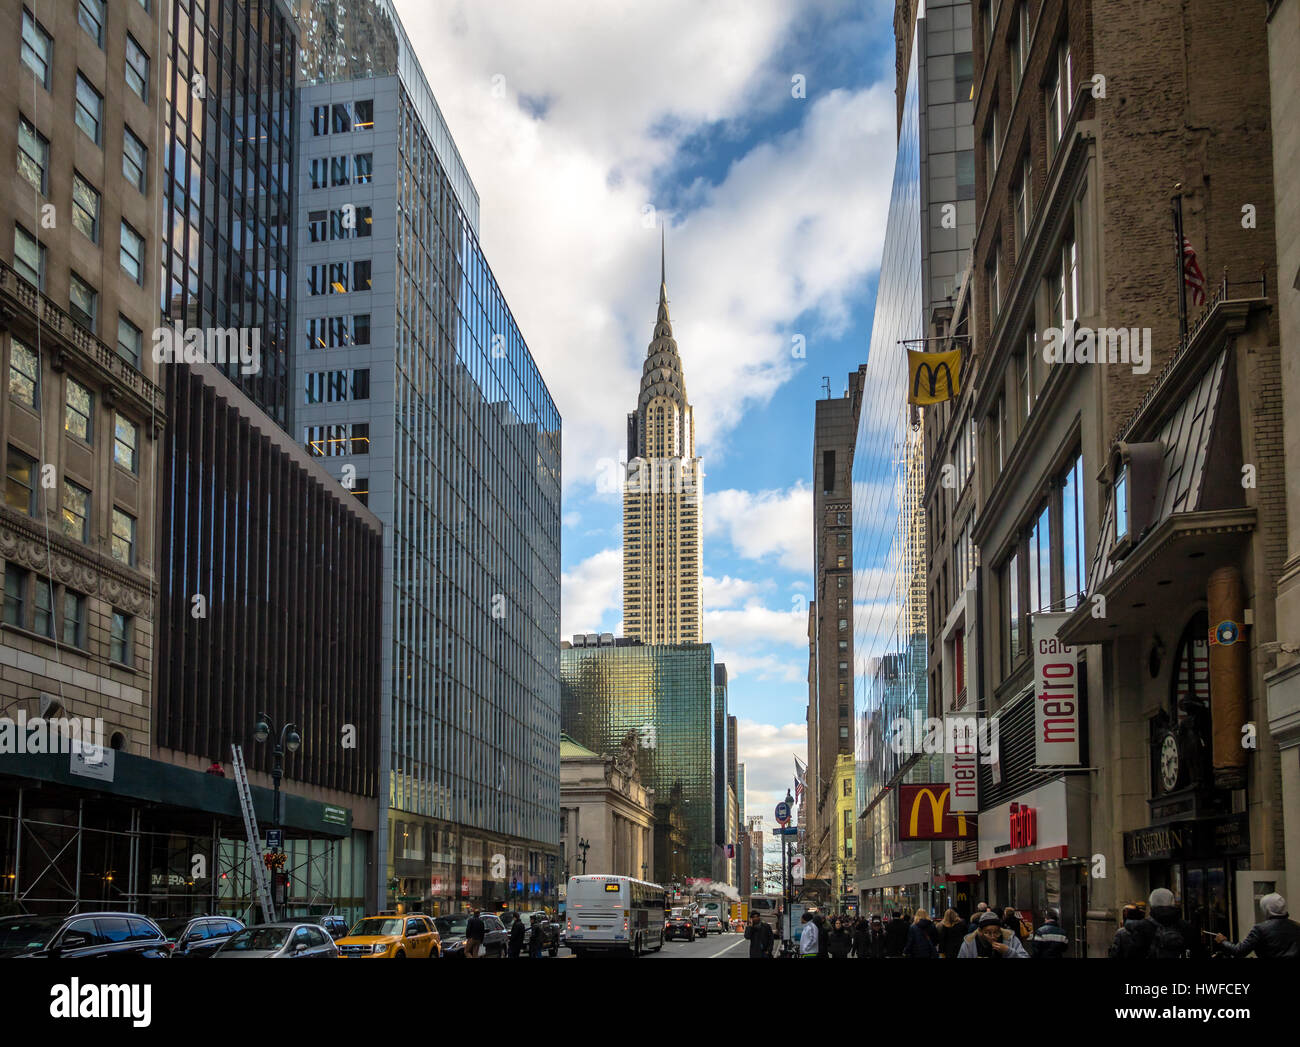 La calle 42 de Manhattan y el Edificio Chrysler, Nueva York, EE.UU. Imagen De Stock